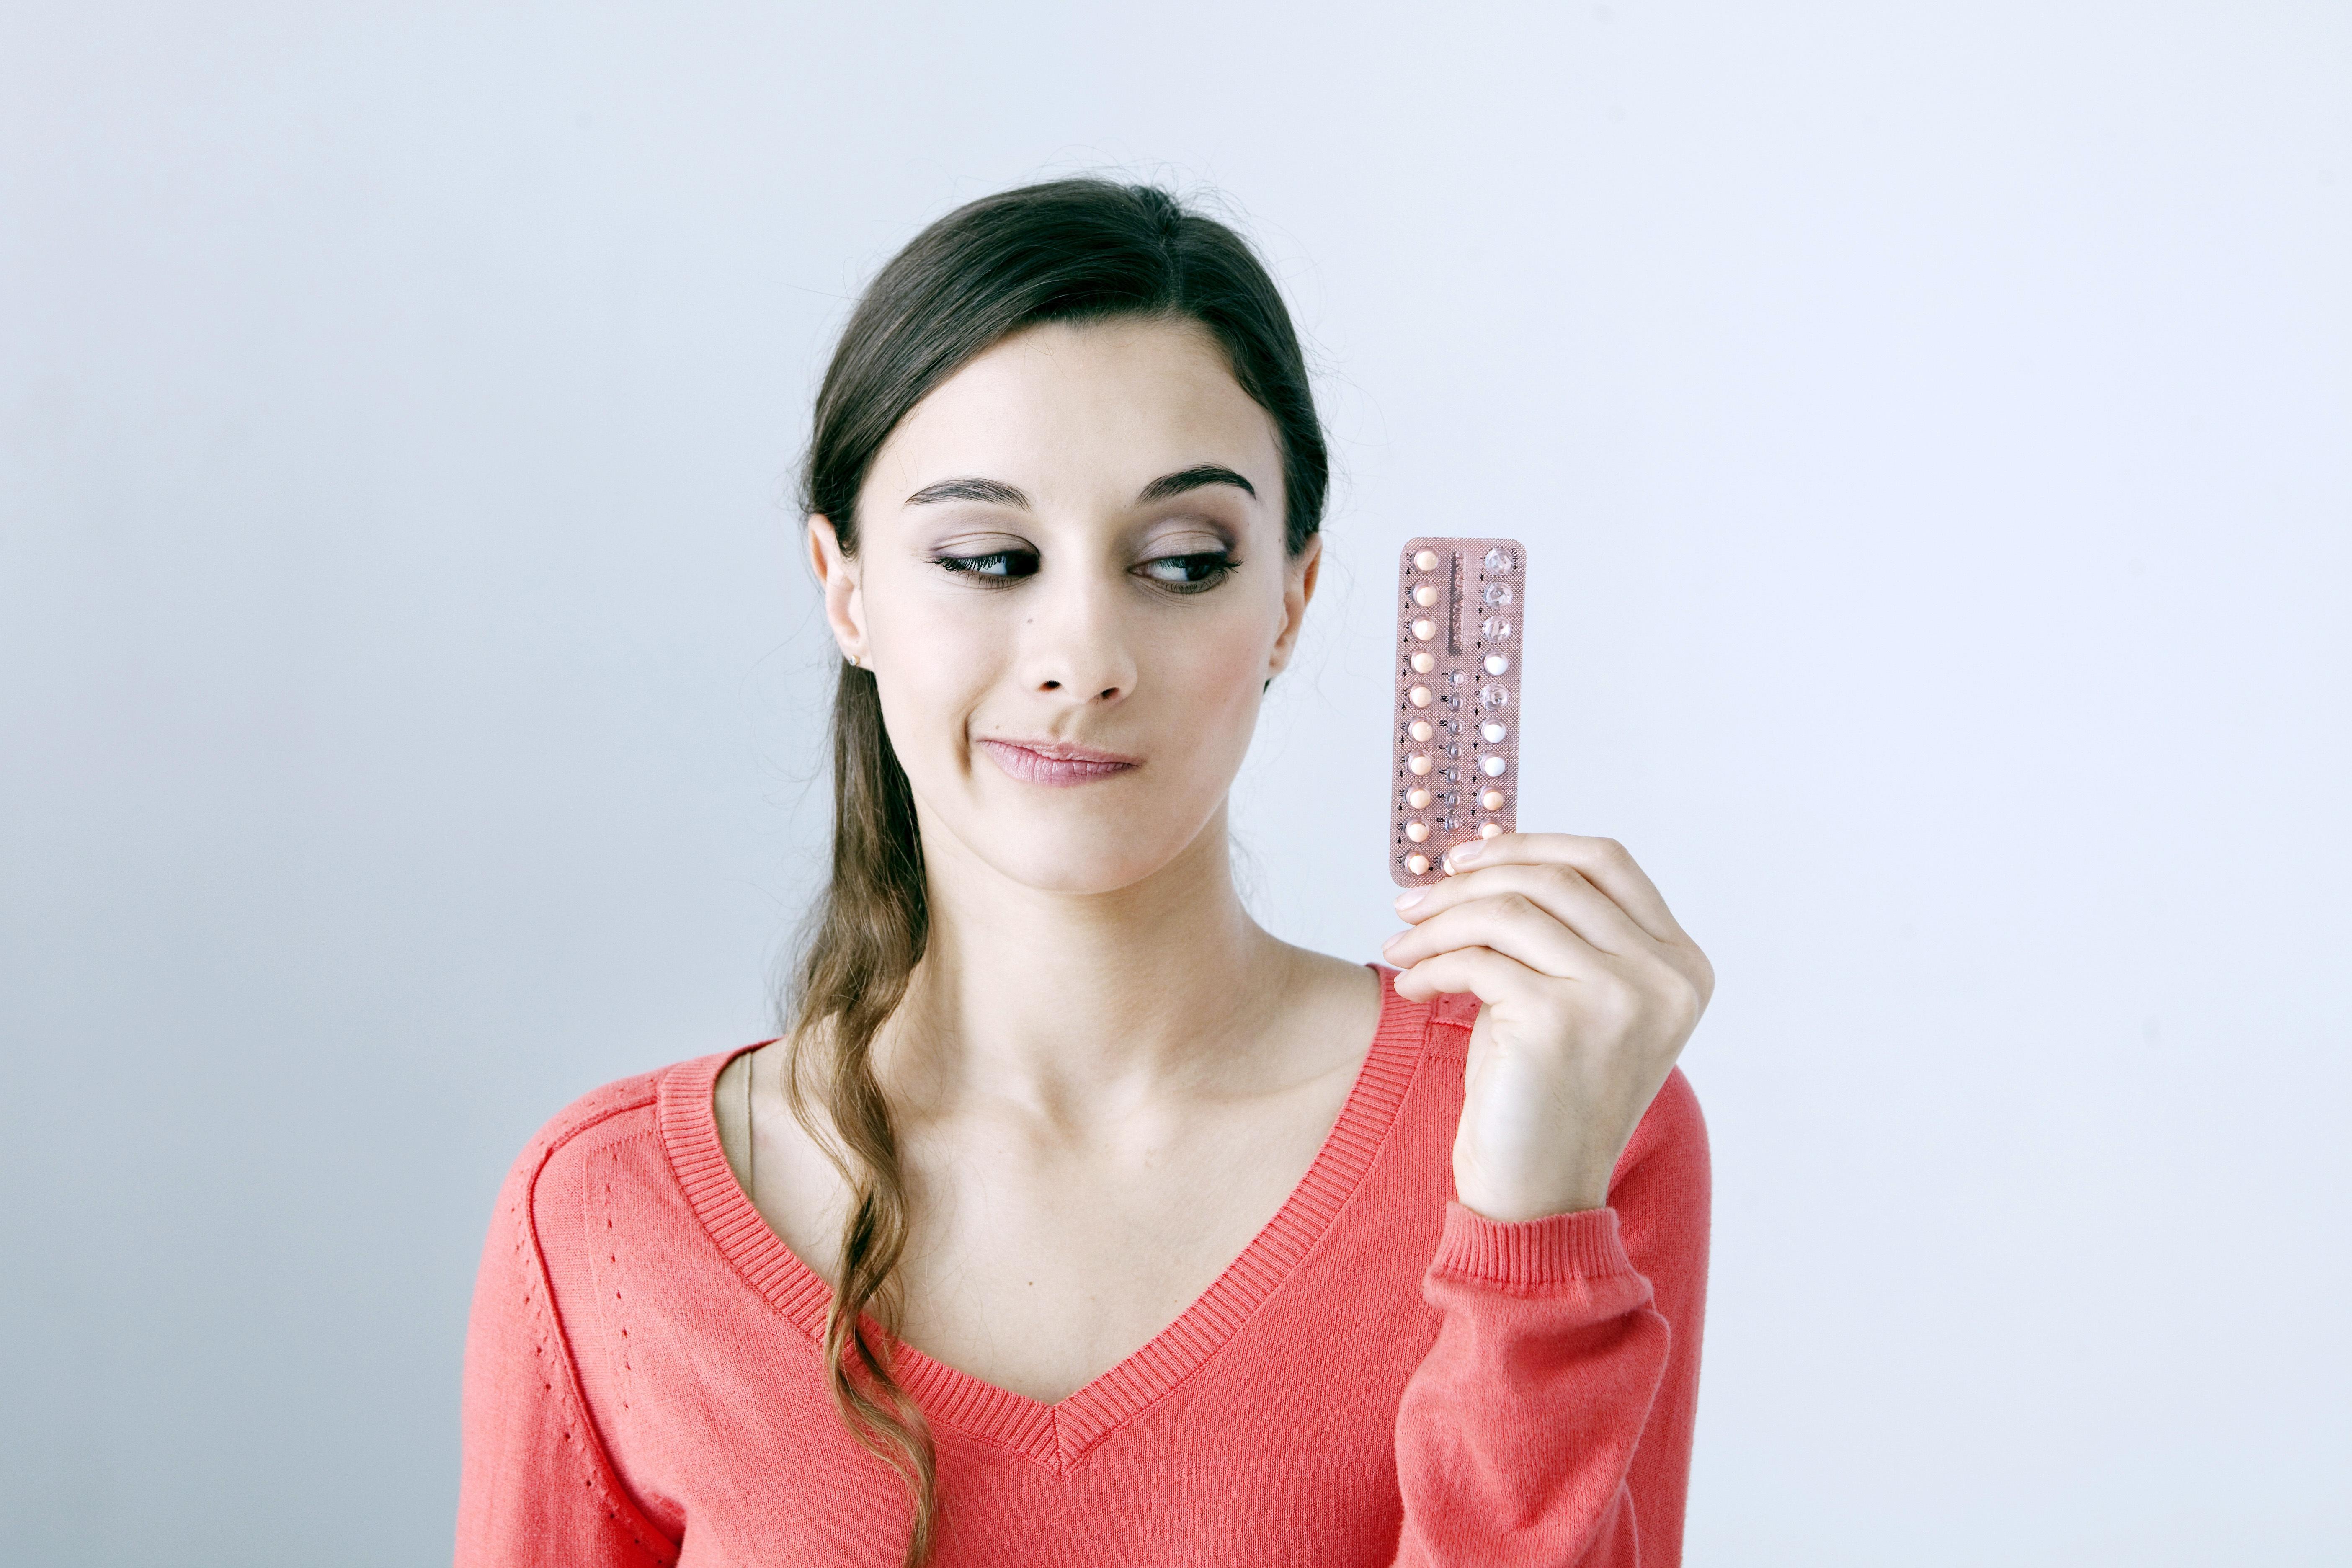 Vergoedt jouw zorgverzekering de pil?